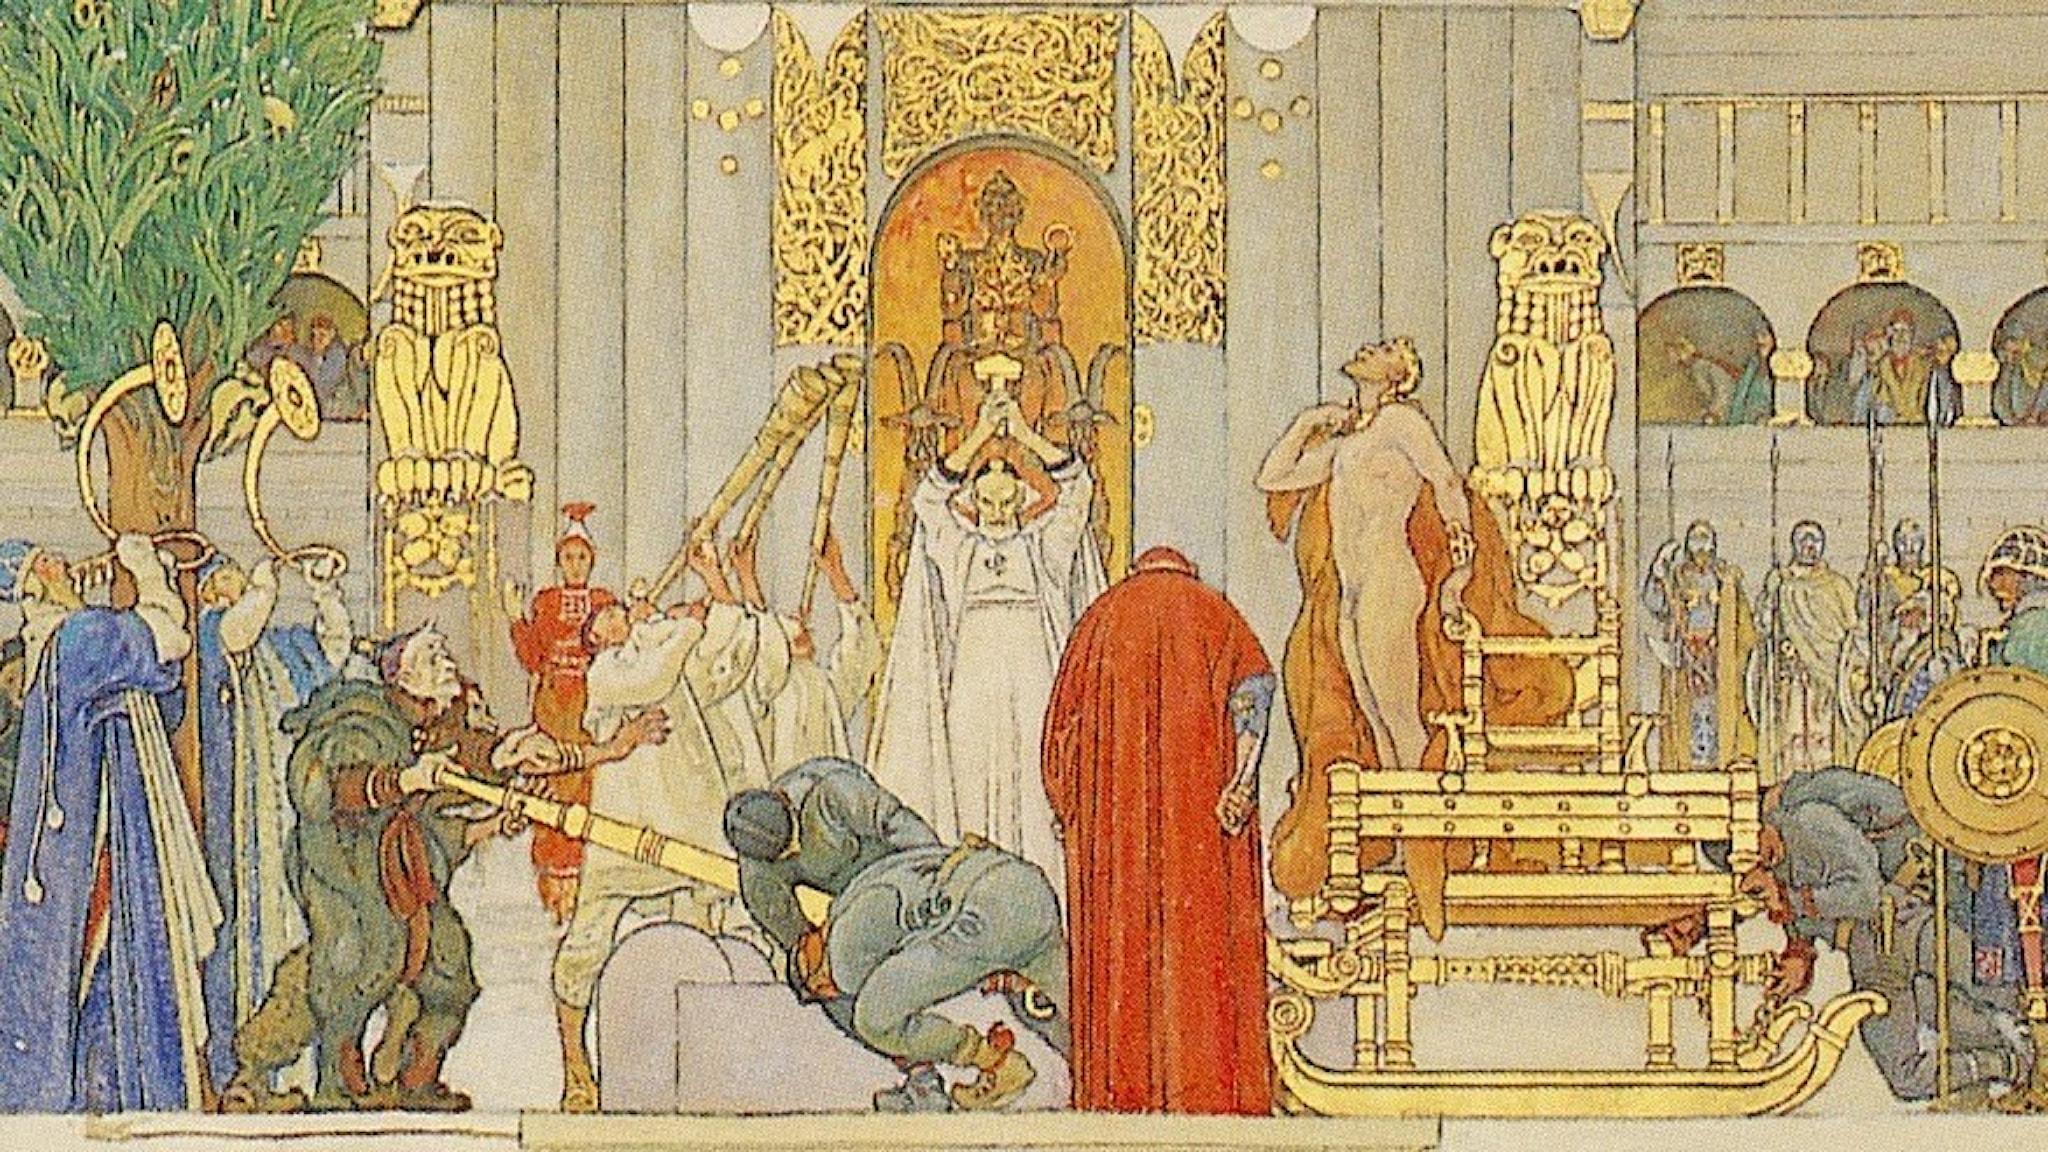 Kung Domalde offras för att råda bot på missväxten. Allt enligt Carl Larssons Midvinterblot - här i beskuren skiss.